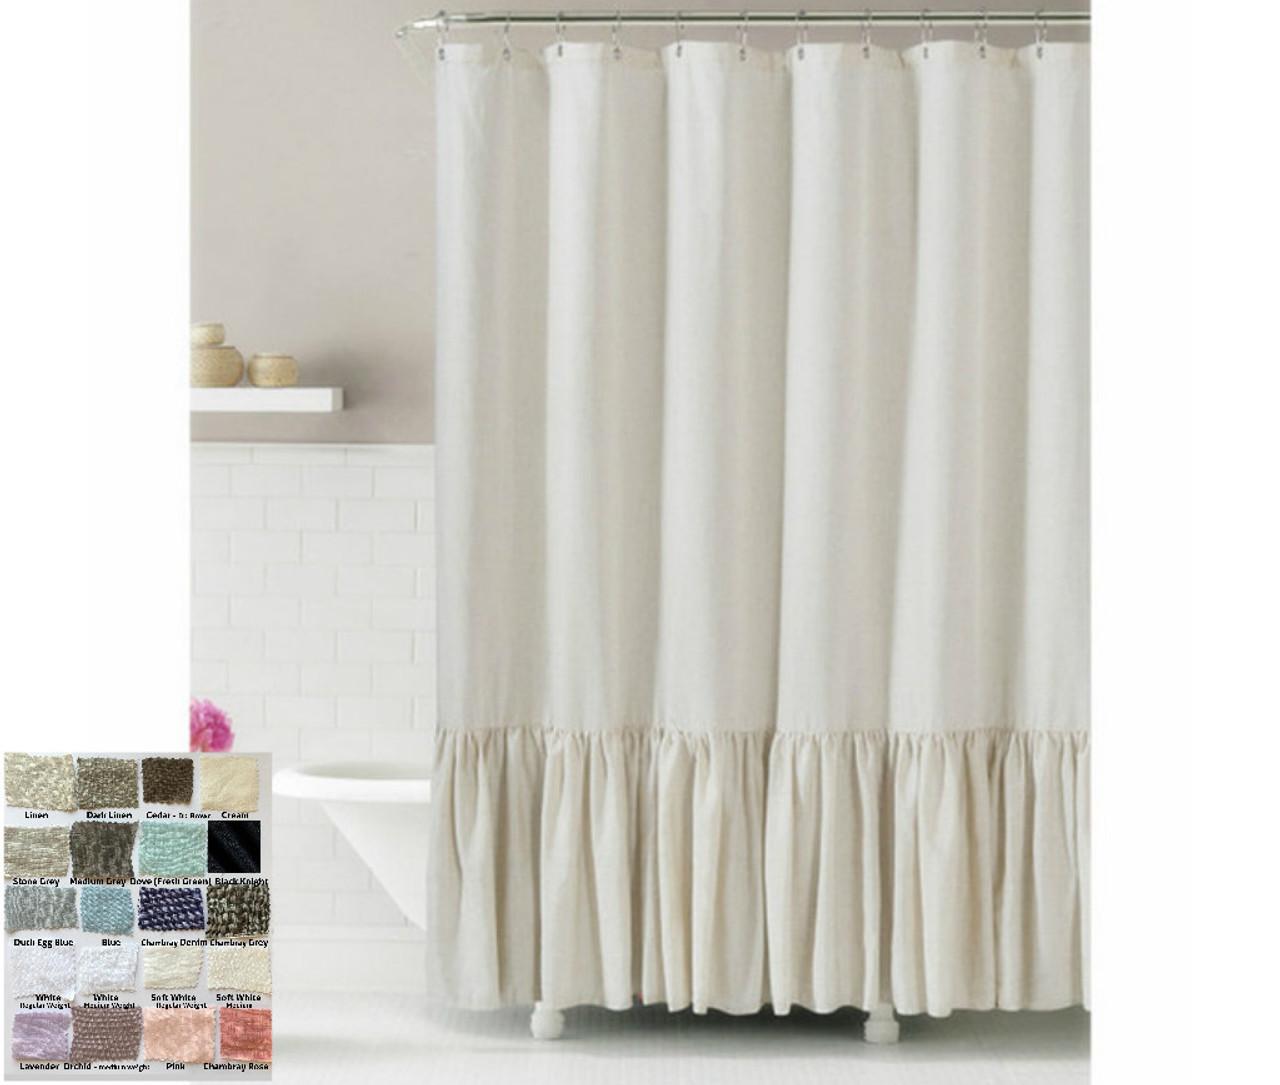 grey linen shower curtain. Linen Shower Curtain with Mermaid Long Ruffles